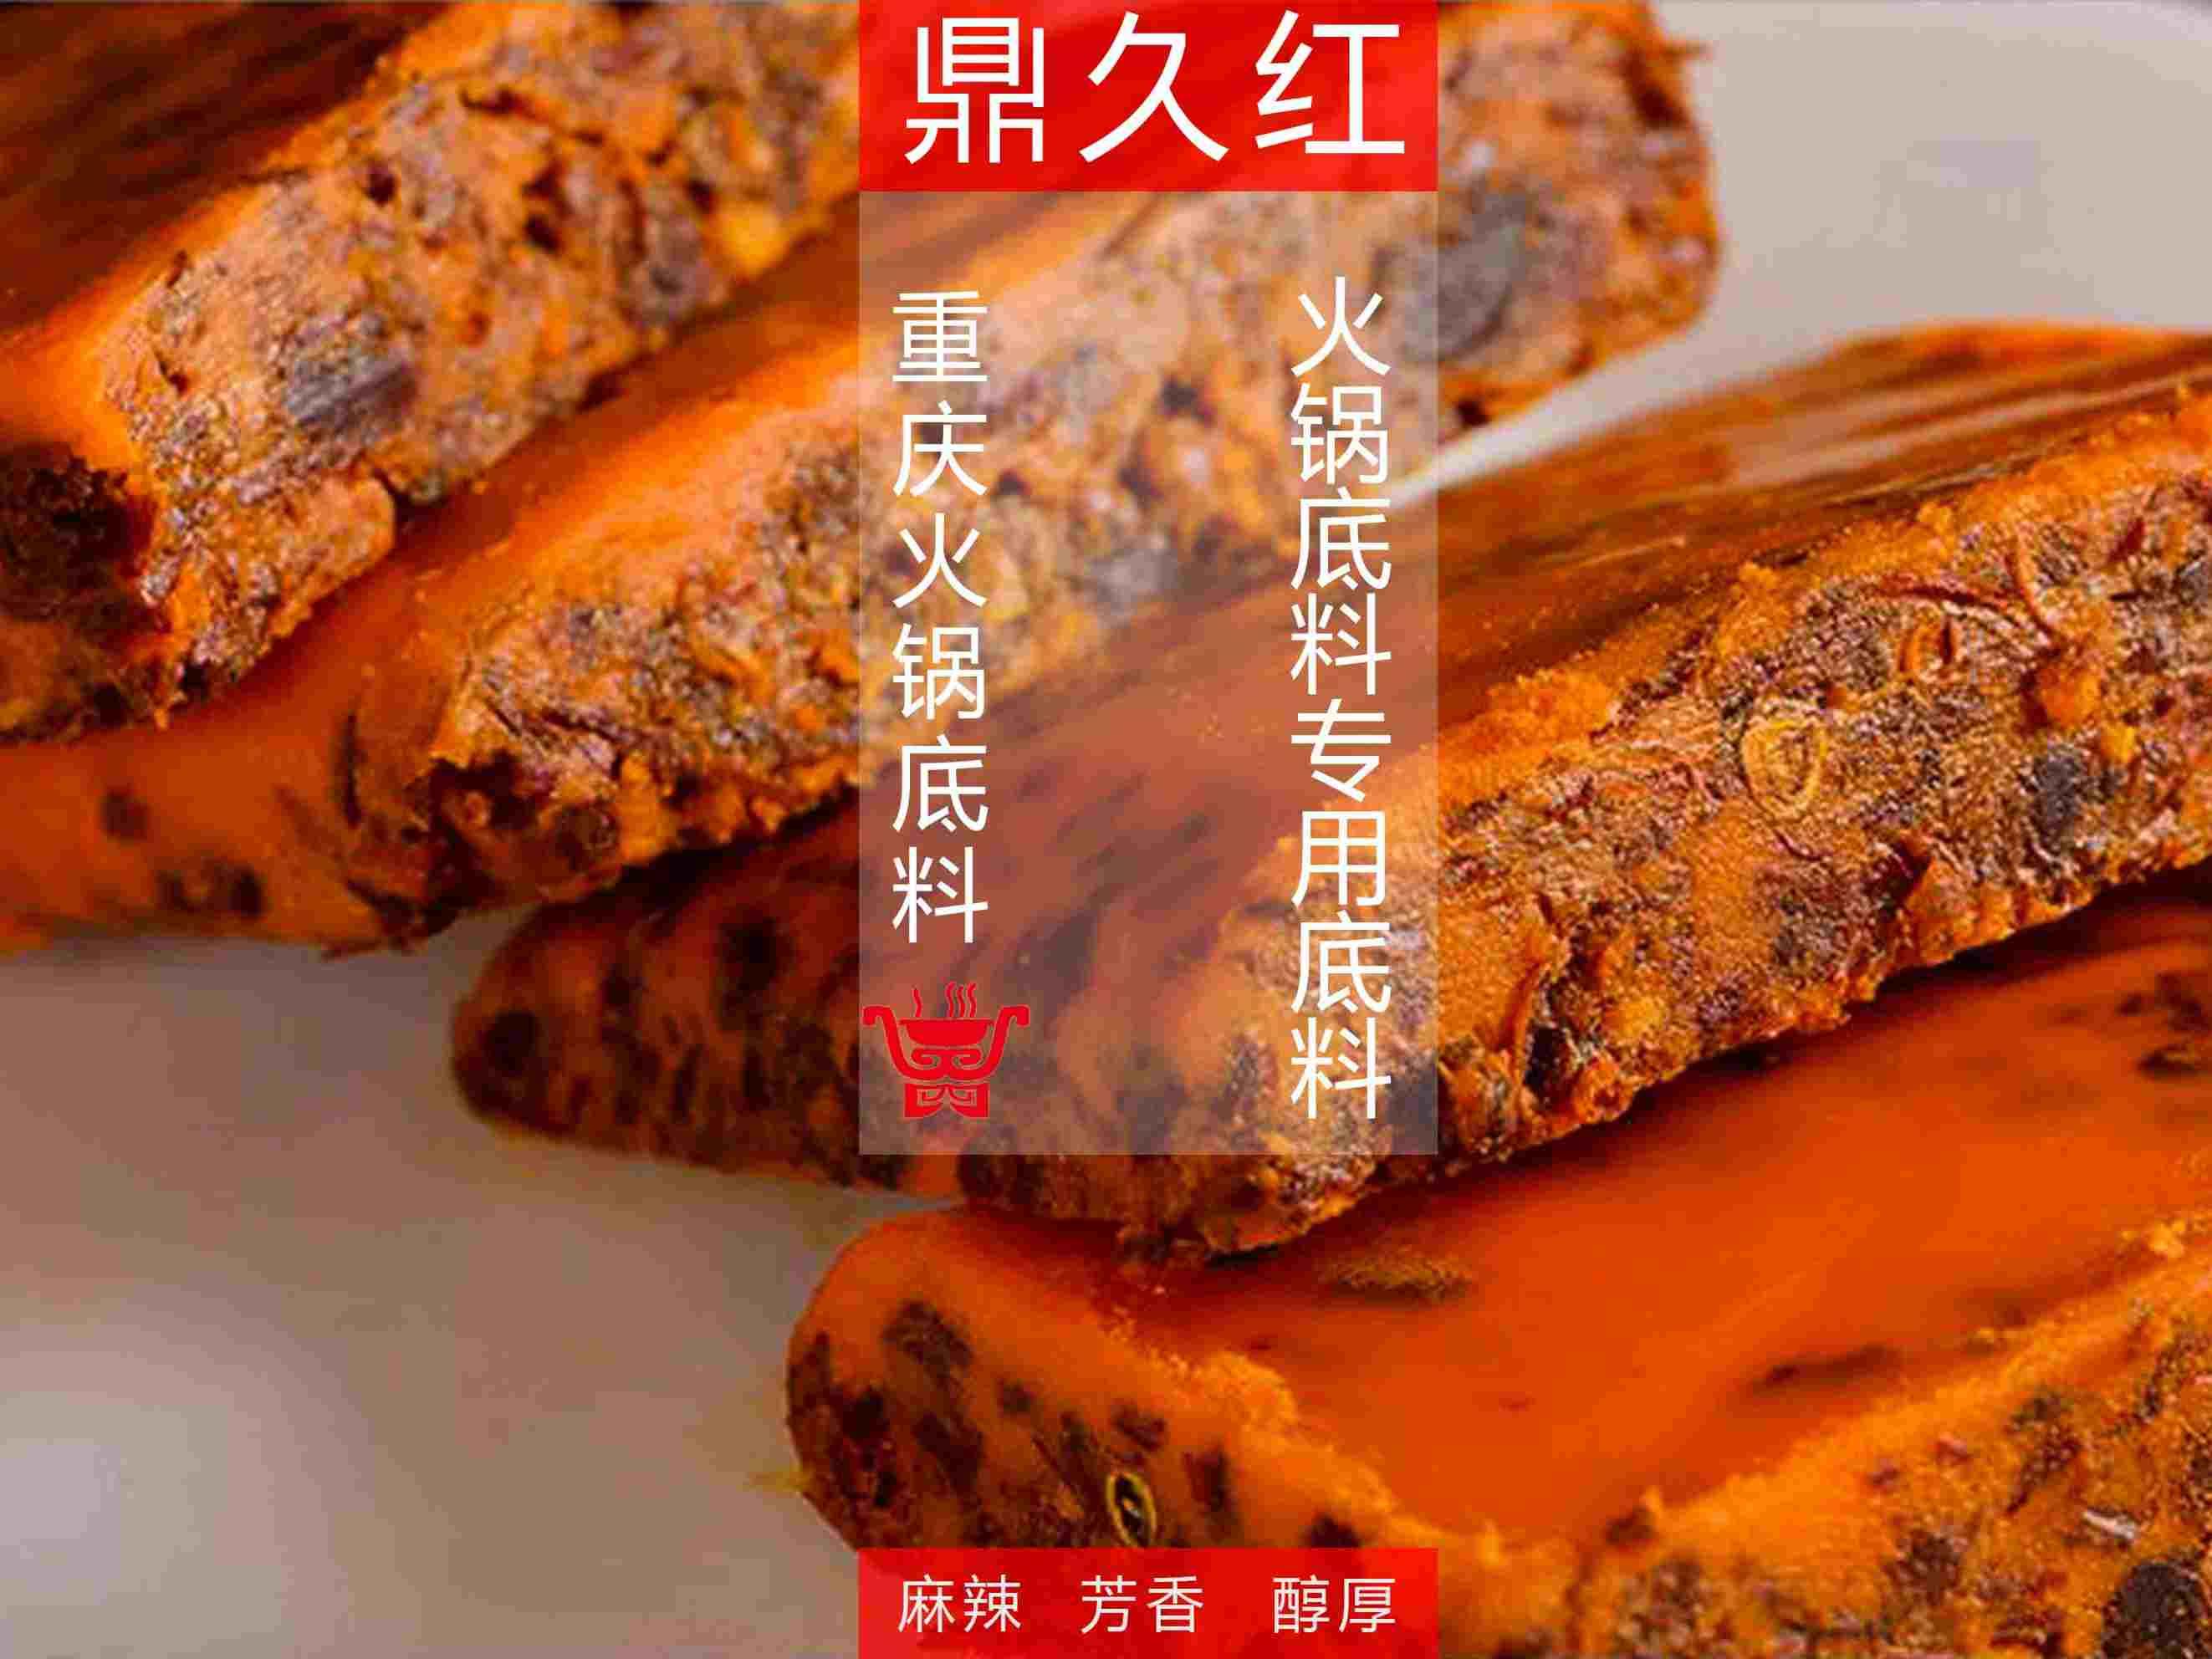 【飞城料】重庆火锅底料